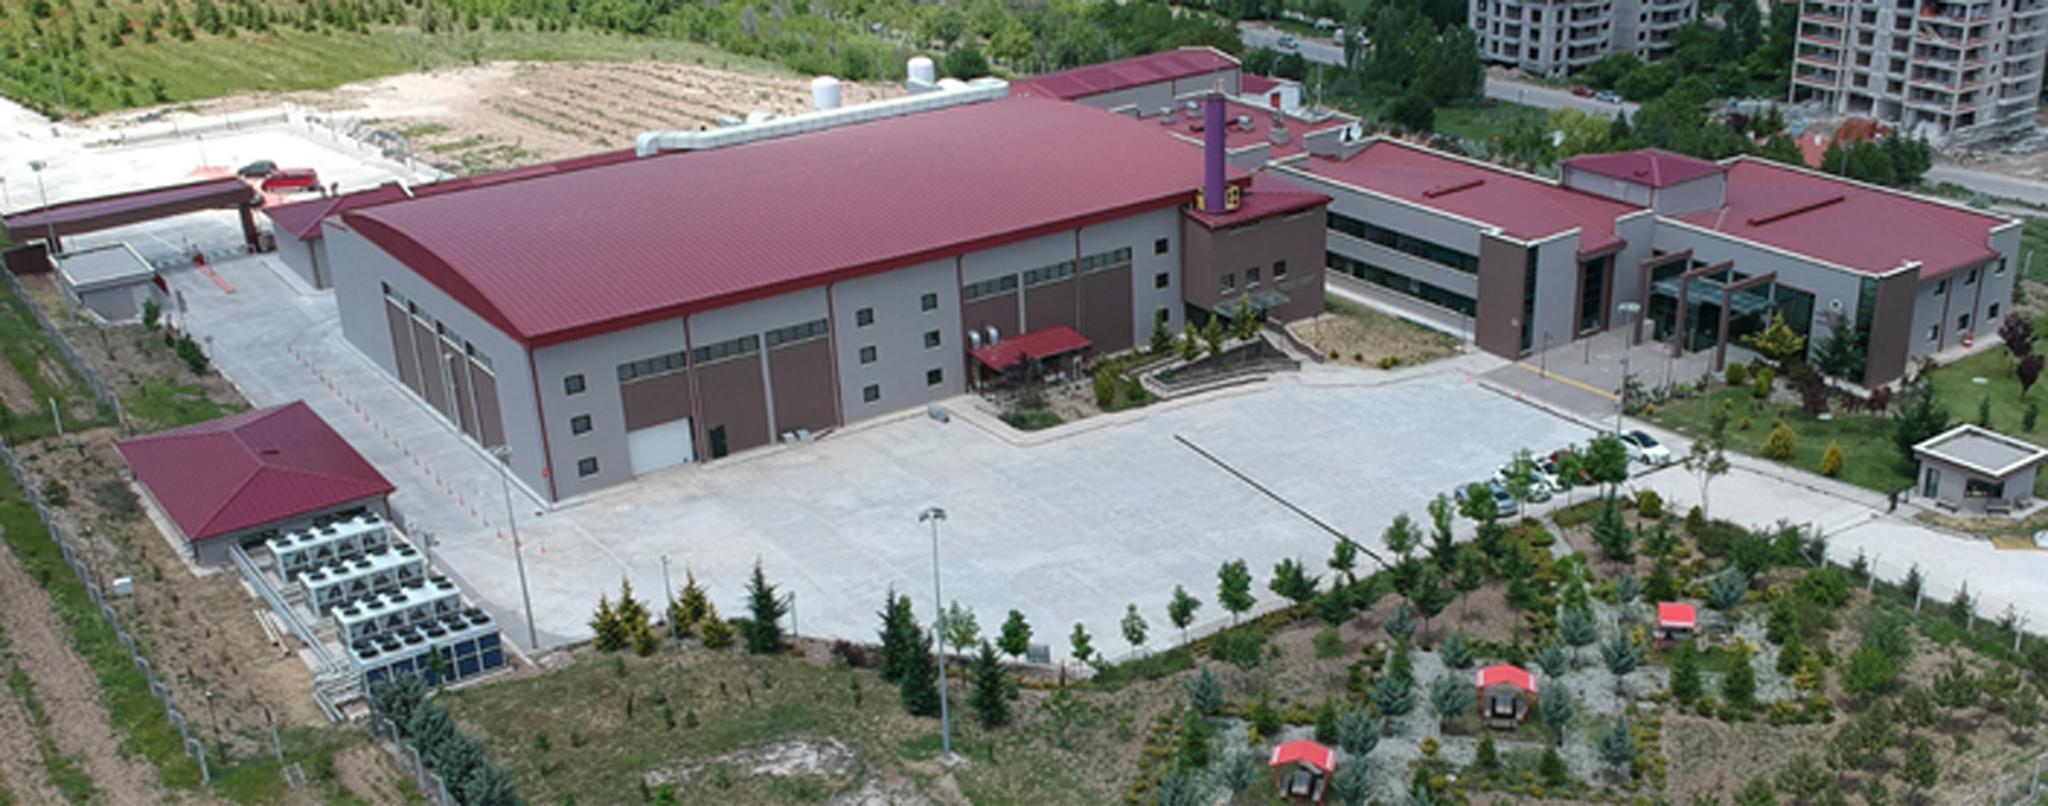 TARLA: Türk Hızlandırıcı ve Işınım Laboratuvarı | 2021 1 TARLA